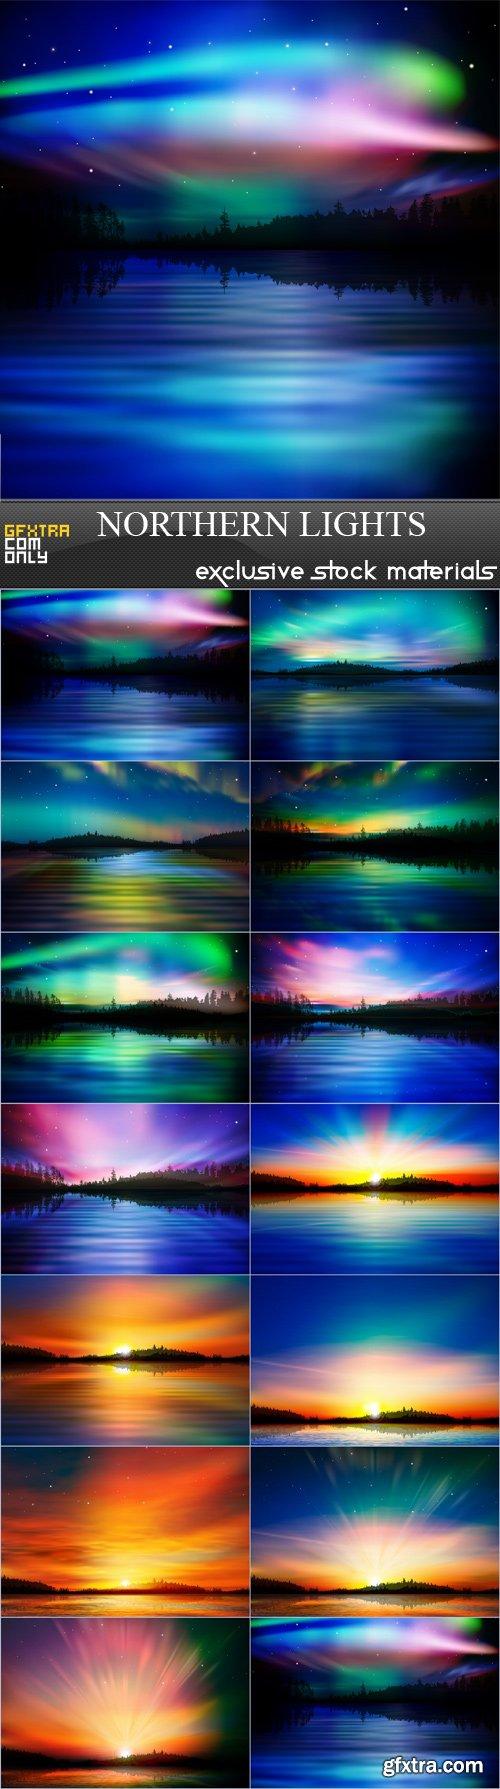 Northern Lights - 13 EPS